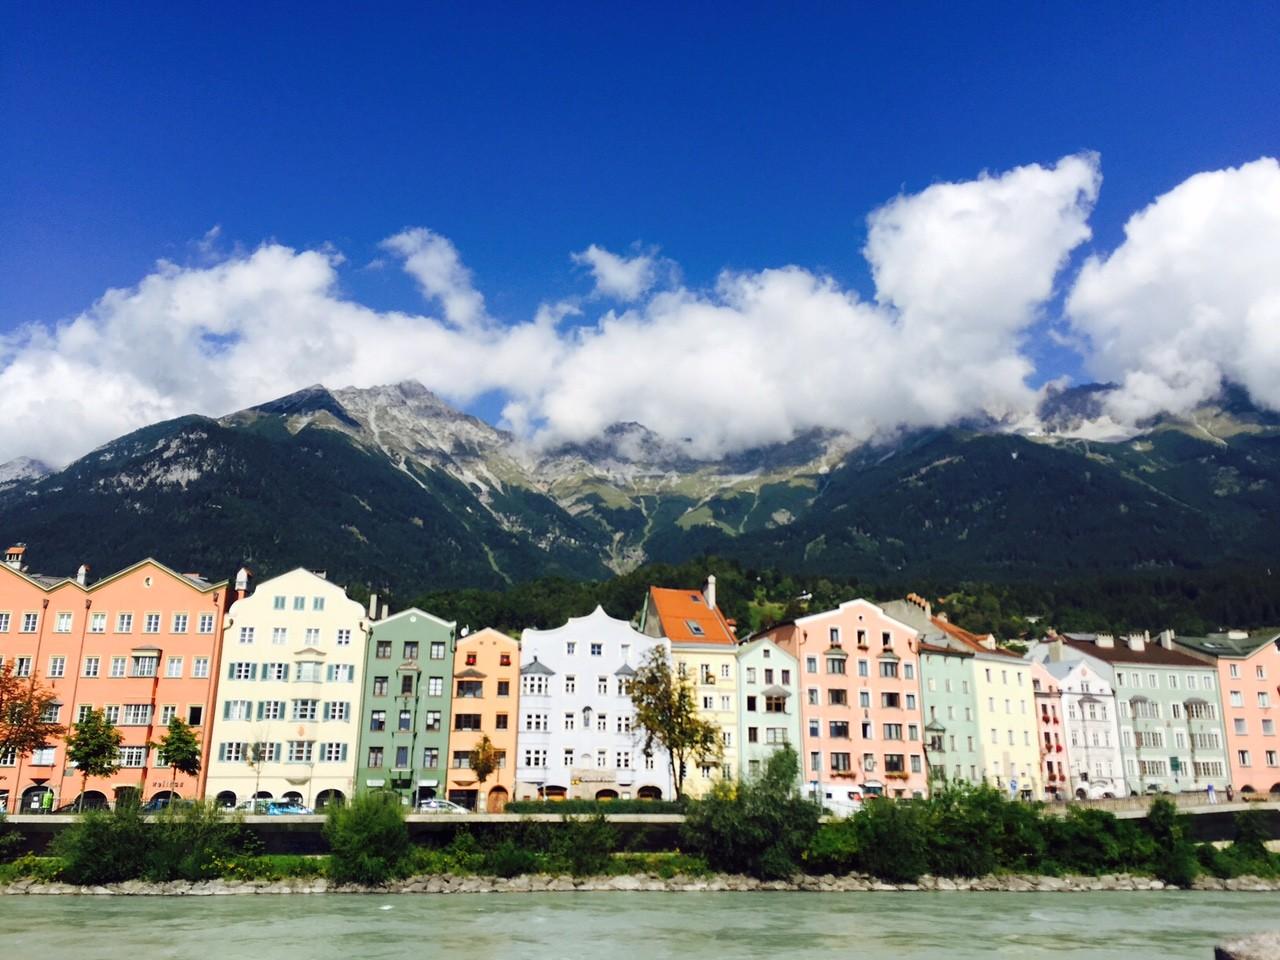 Prachtig Innsbruck vijf tips in Innsbruck tijdens een tussenstop en kort verblijf foodblog Foodinista reist